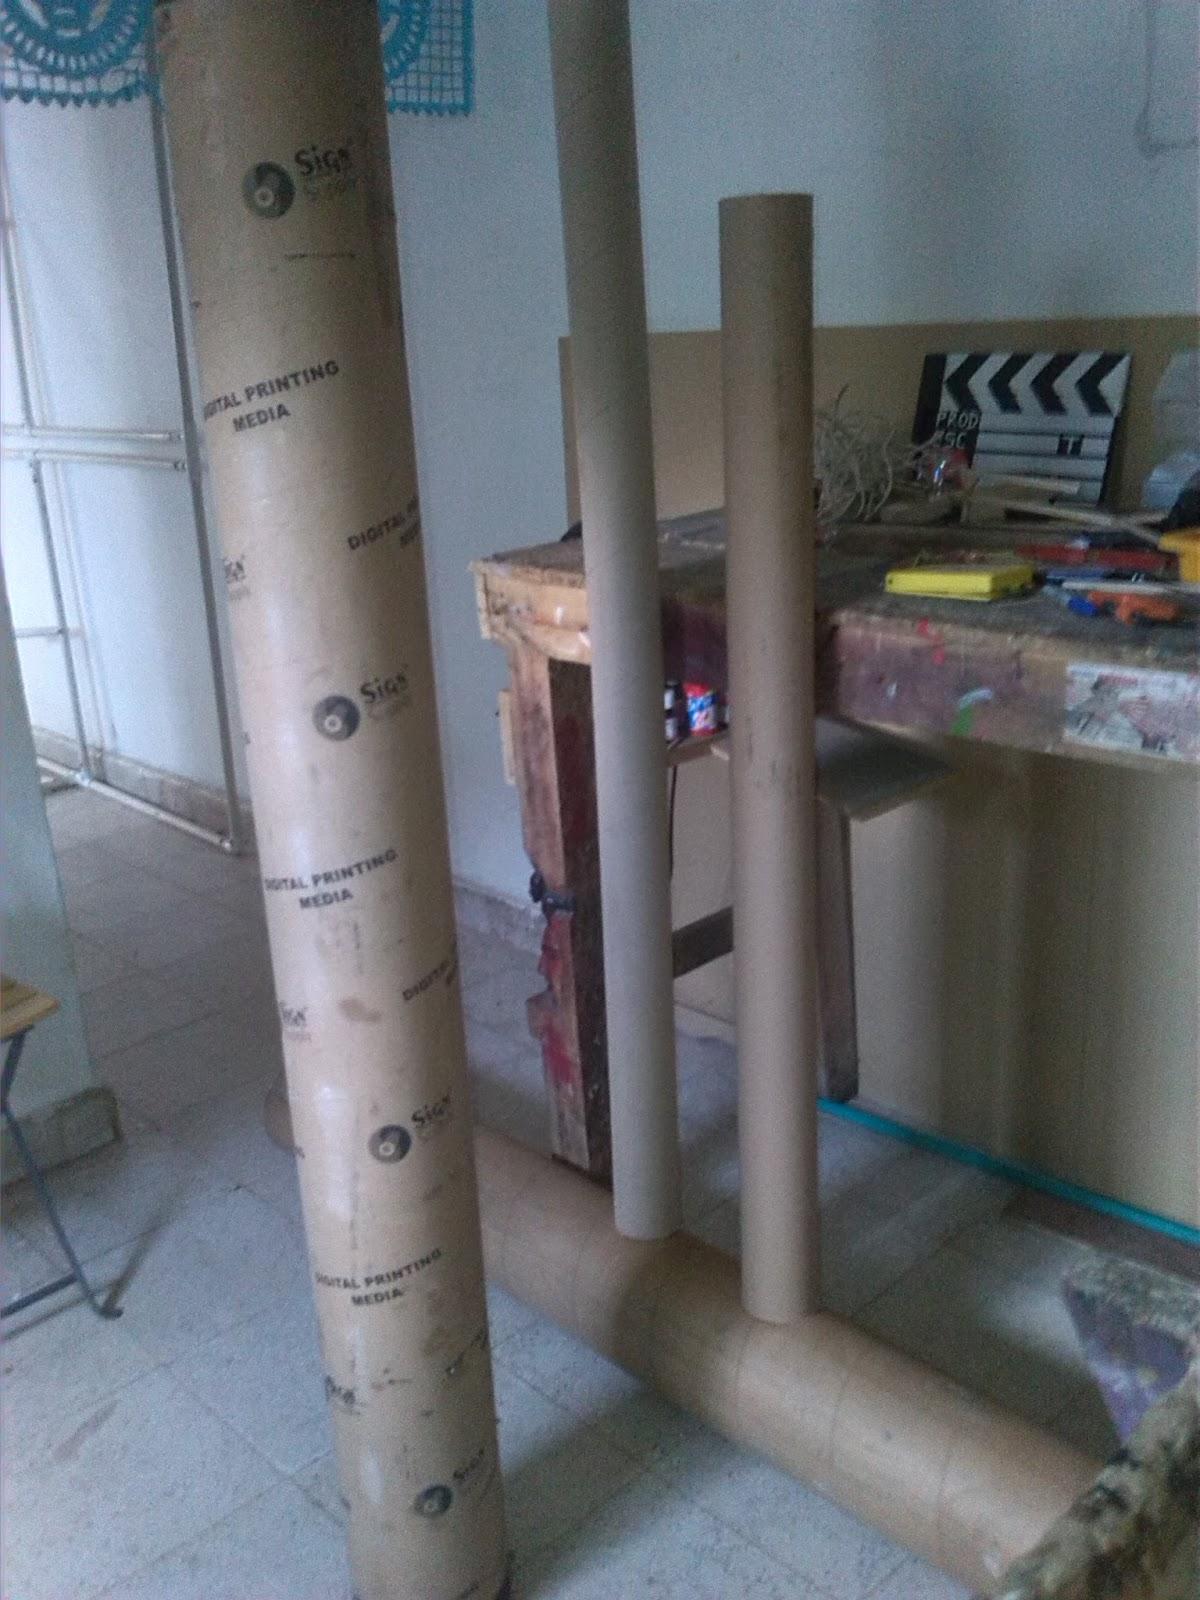 Rastaxico Arte E Ingenio Trabajos Personalizados Julio 2016 # Muebles Con Tuvos